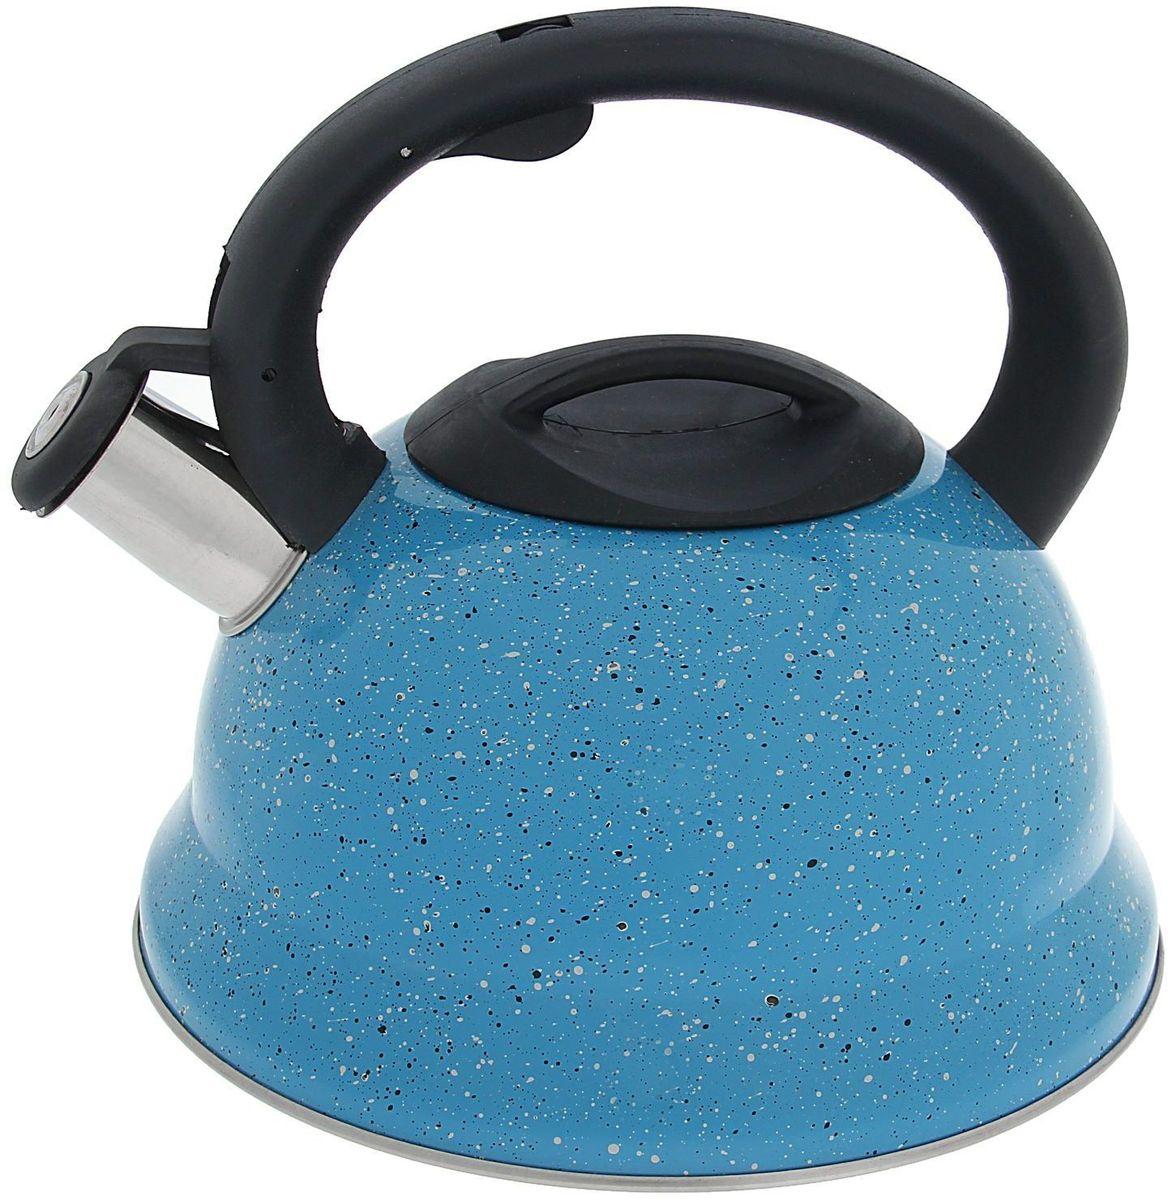 Чайник Доляна Рио, со свистком, цвет: голубой, черный, 2,8 лFS-91909Чайник Доляна Рио выполнен из высококачественной нержавеющей стали. Материал изделия отличается неприхотливостью в уходе, безукоризненной функциональностью, гигиеничностью и стойкостью к коррозии. Чайники из нержавеющей стали абсолютно безопасны для здоровья человека. Благодаря низкой теплопроводности и оптимальному соотношению дна и стенок вода дольше остается горячей, а качественное дно гарантирует быстрый нагрев. Чайник при кипячении сохраняет все полезные свойства воды. Чайник снабжен фиксированной пластиковой ручкой. Удобная ручка не нагревается, и поэтому вероятность ожогов сводится к минимуму. Свисток на носике чайника громко оповестит, когда закипела вода. Свисток открывается нажатием кнопки на рукоятке. Внешние стенки выполнены под мрамор. Подходит для газовых, электрических, стеклокерамических, галогеновых, индукционных плит. Рекомендуется ручная мойка.